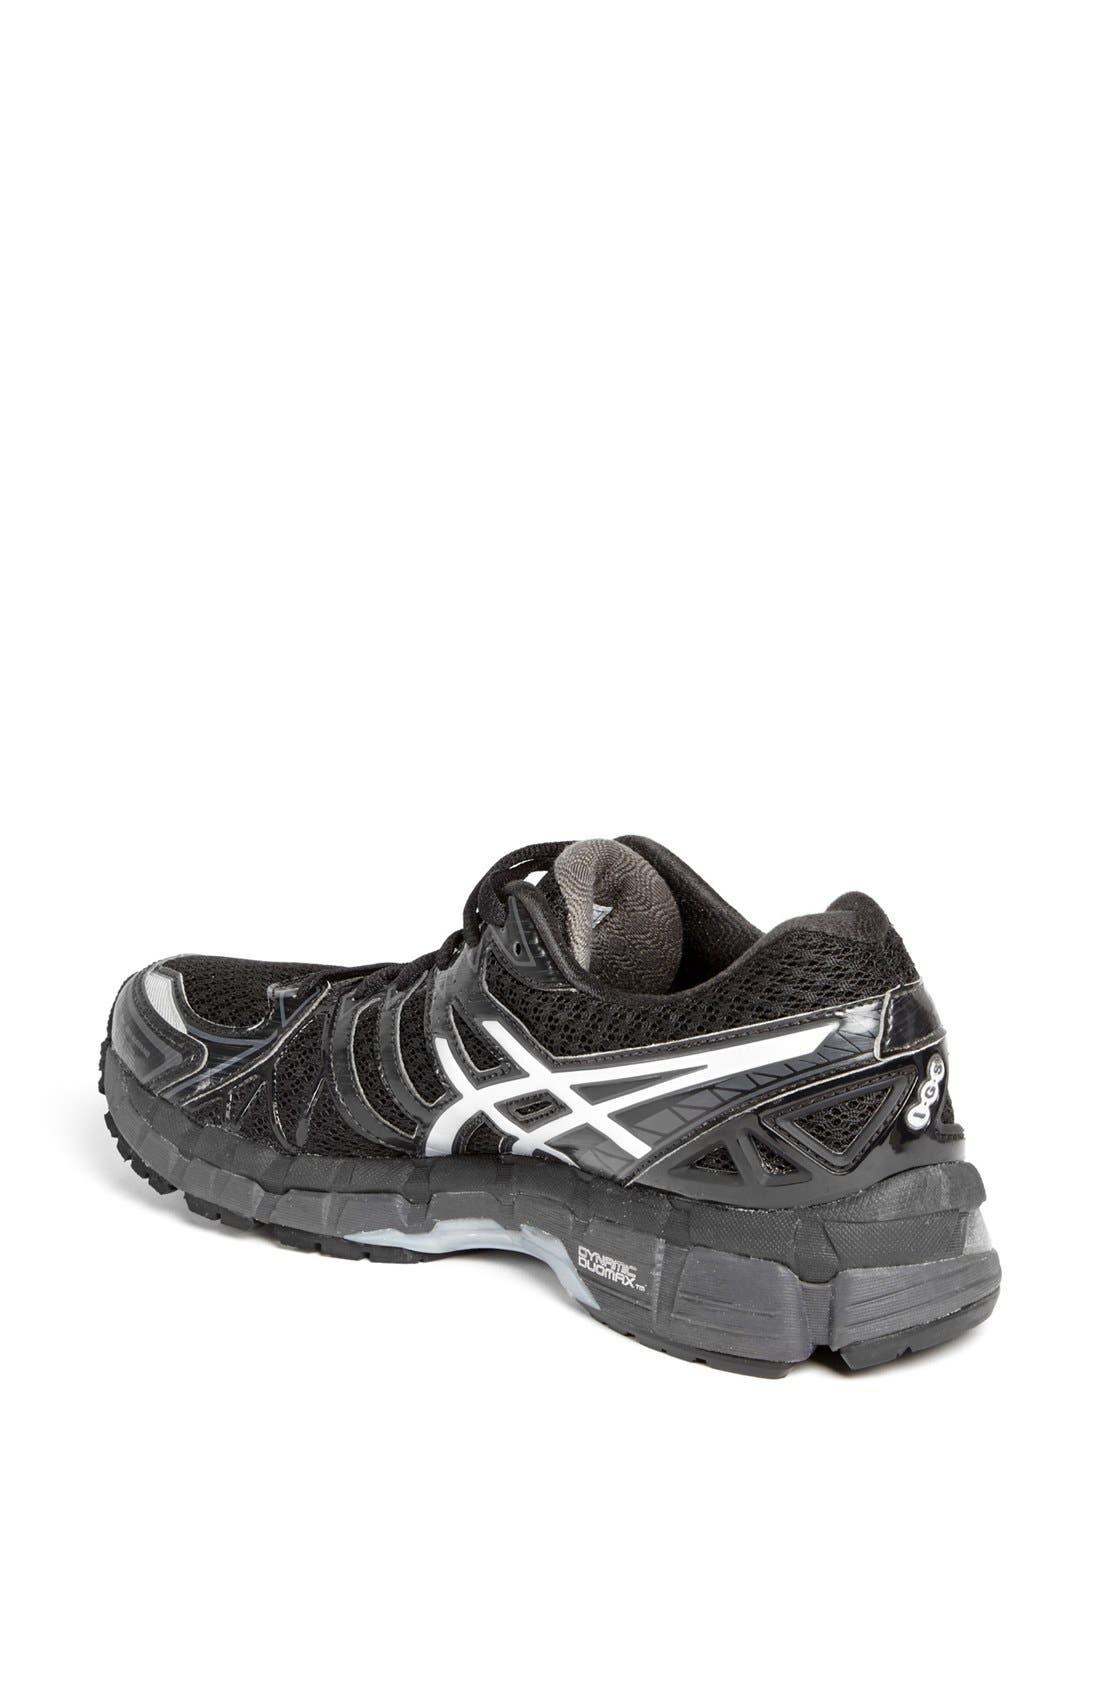 Alternate Image 2  - ASICS® 'GEL-Kayano® 20' Running Shoe (Women)